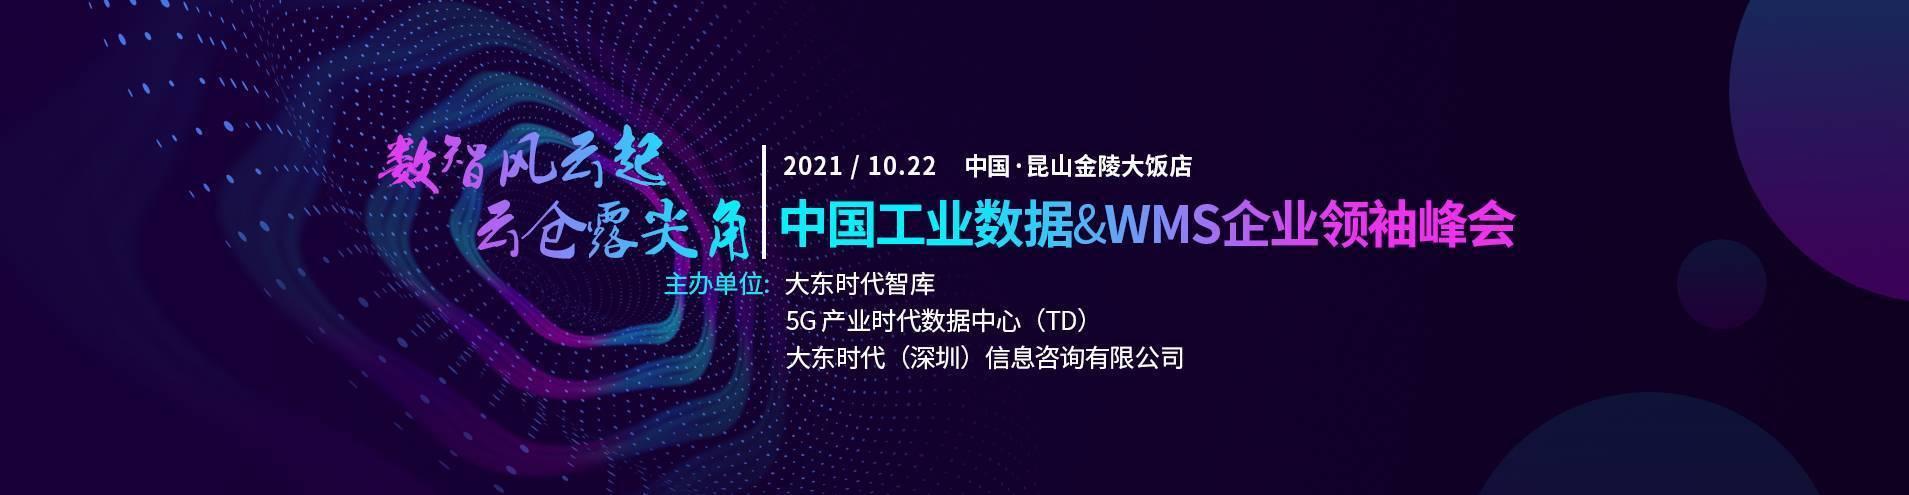 2021中国工业数据&WMS企业领袖峰会暨卡恩奖·优秀WMS